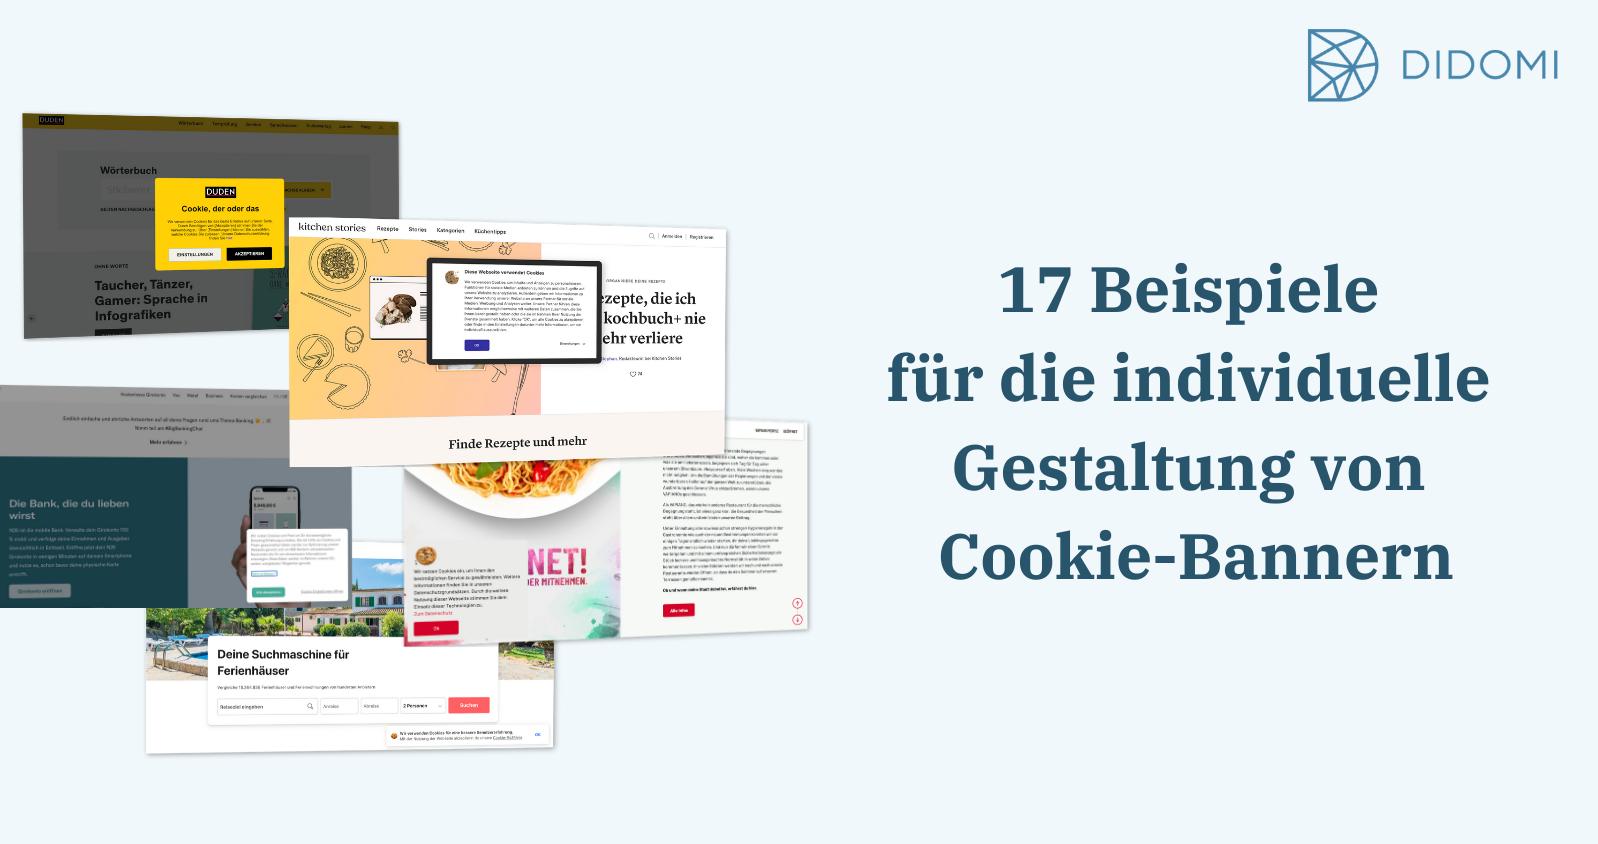 17 Beispiele für die individuelle Gestaltung von Cookie-Bannern_V2